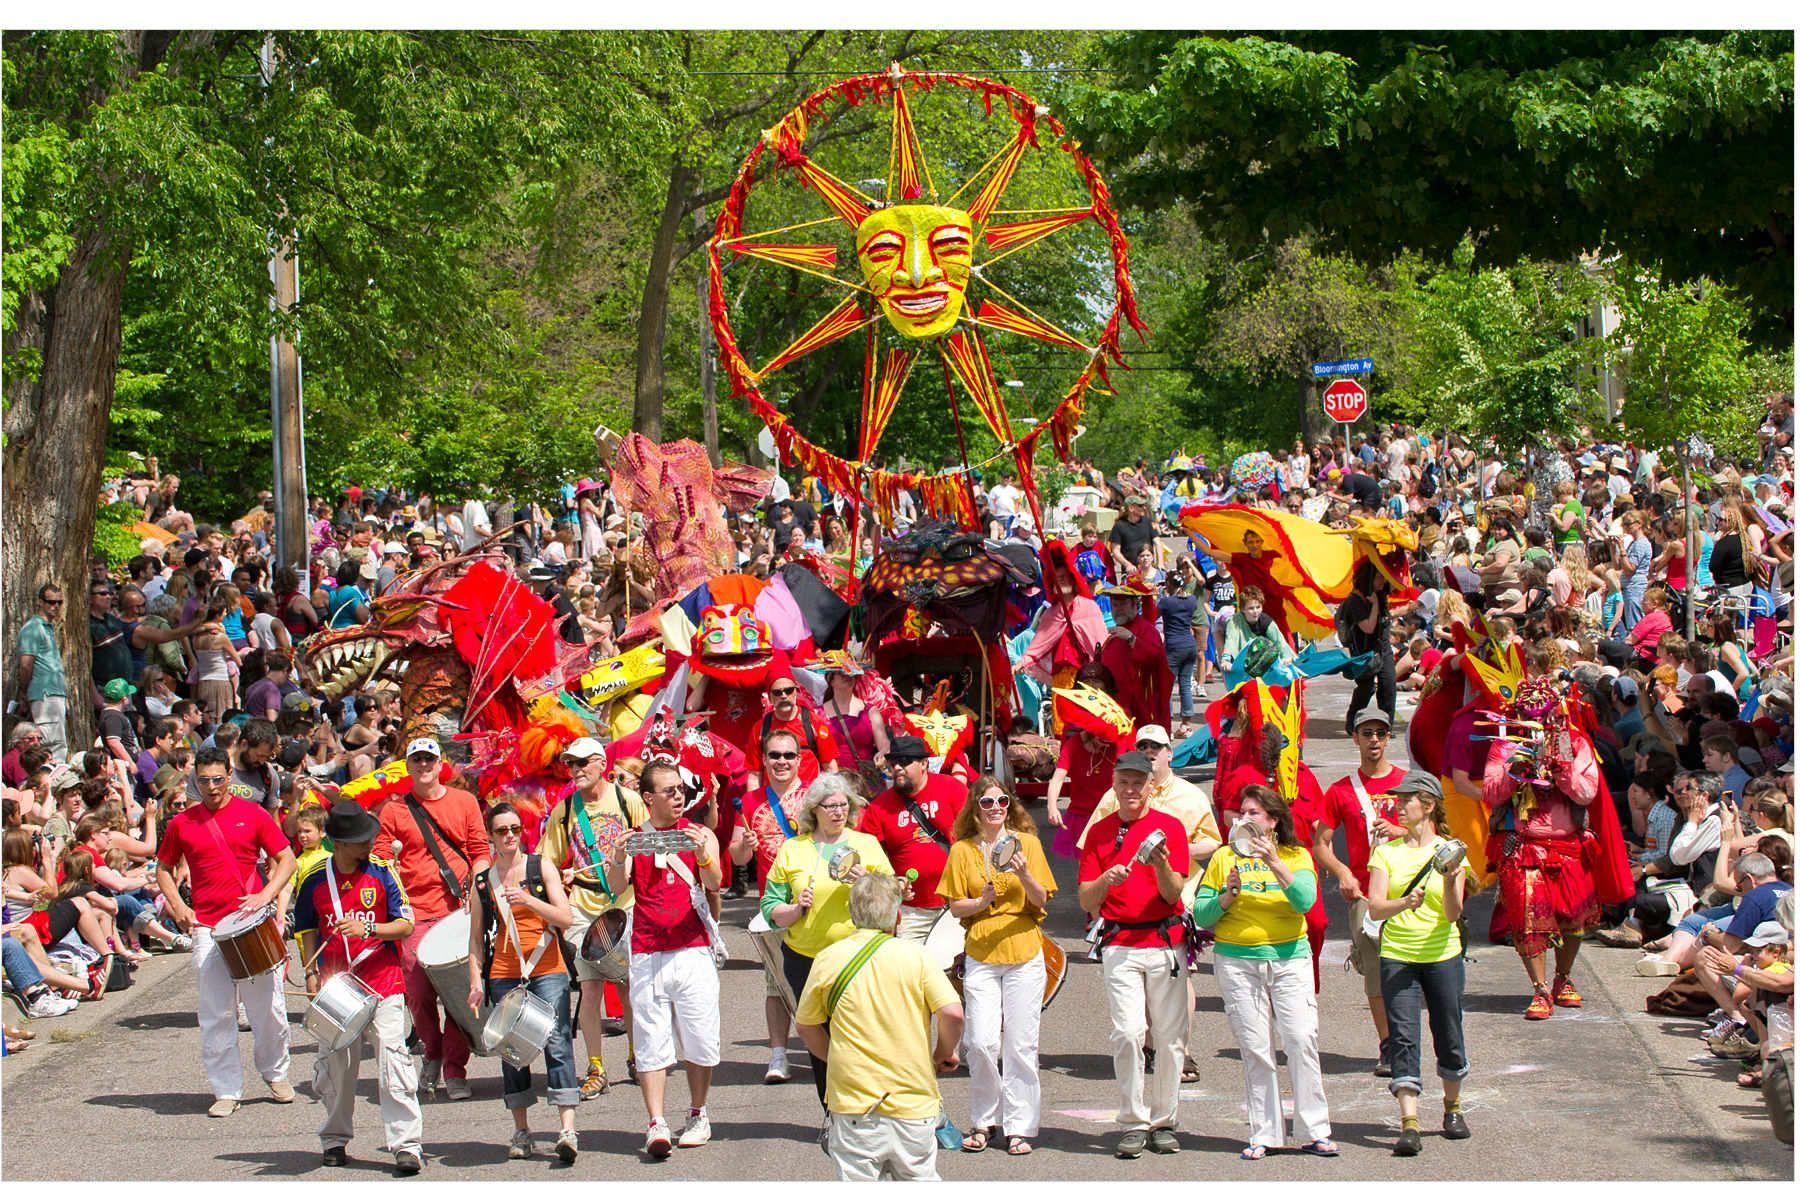 May Day Parade in Minneapolis at Powderhorn Park.